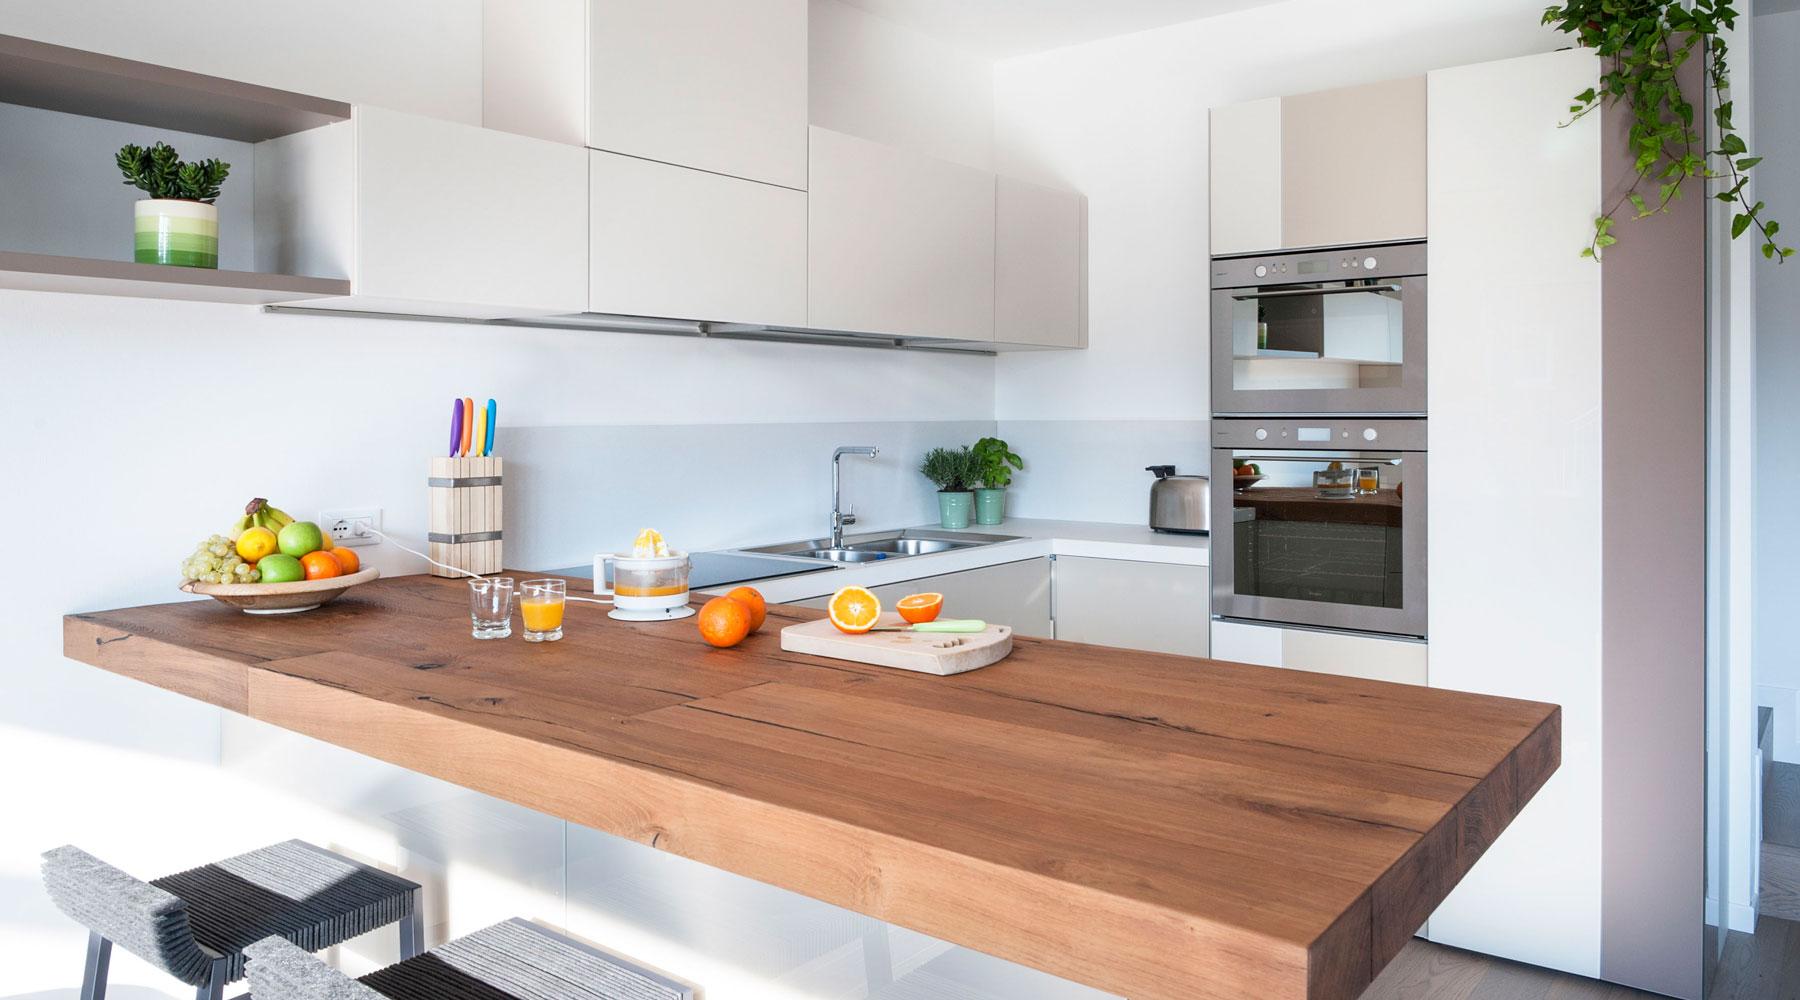 Plebani arredamenti cucine camere camerette poltrone for Arredamenti jesi